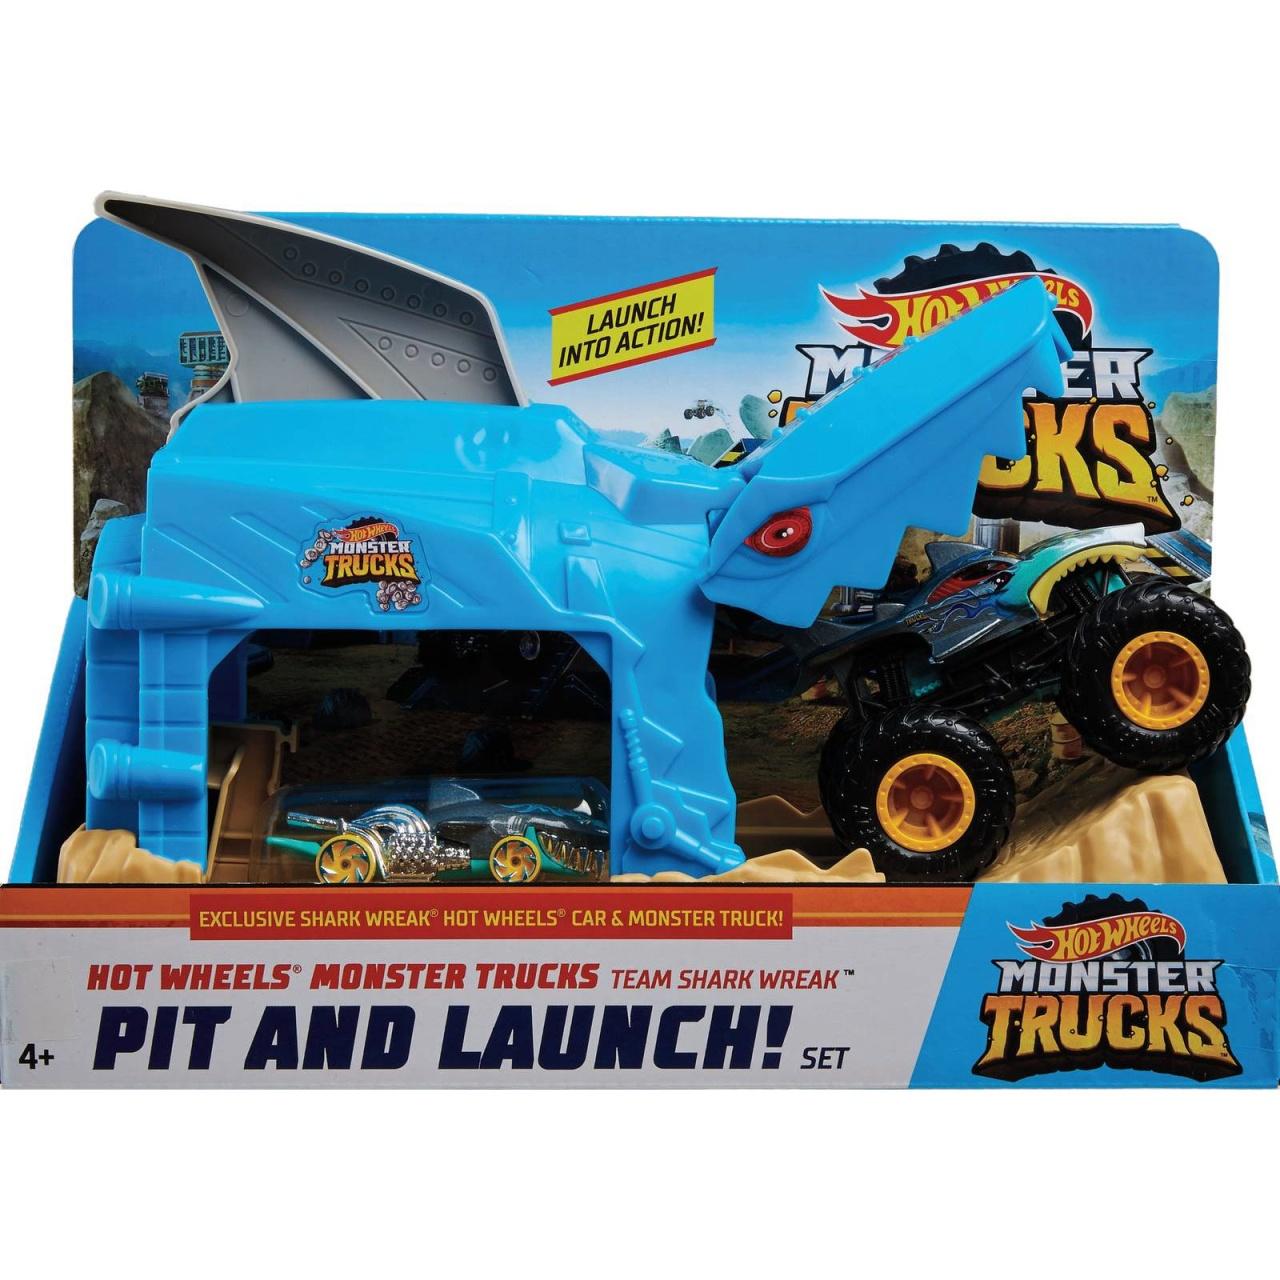 Hot Wheels Monster Trucks Startrampe Shark Wreak